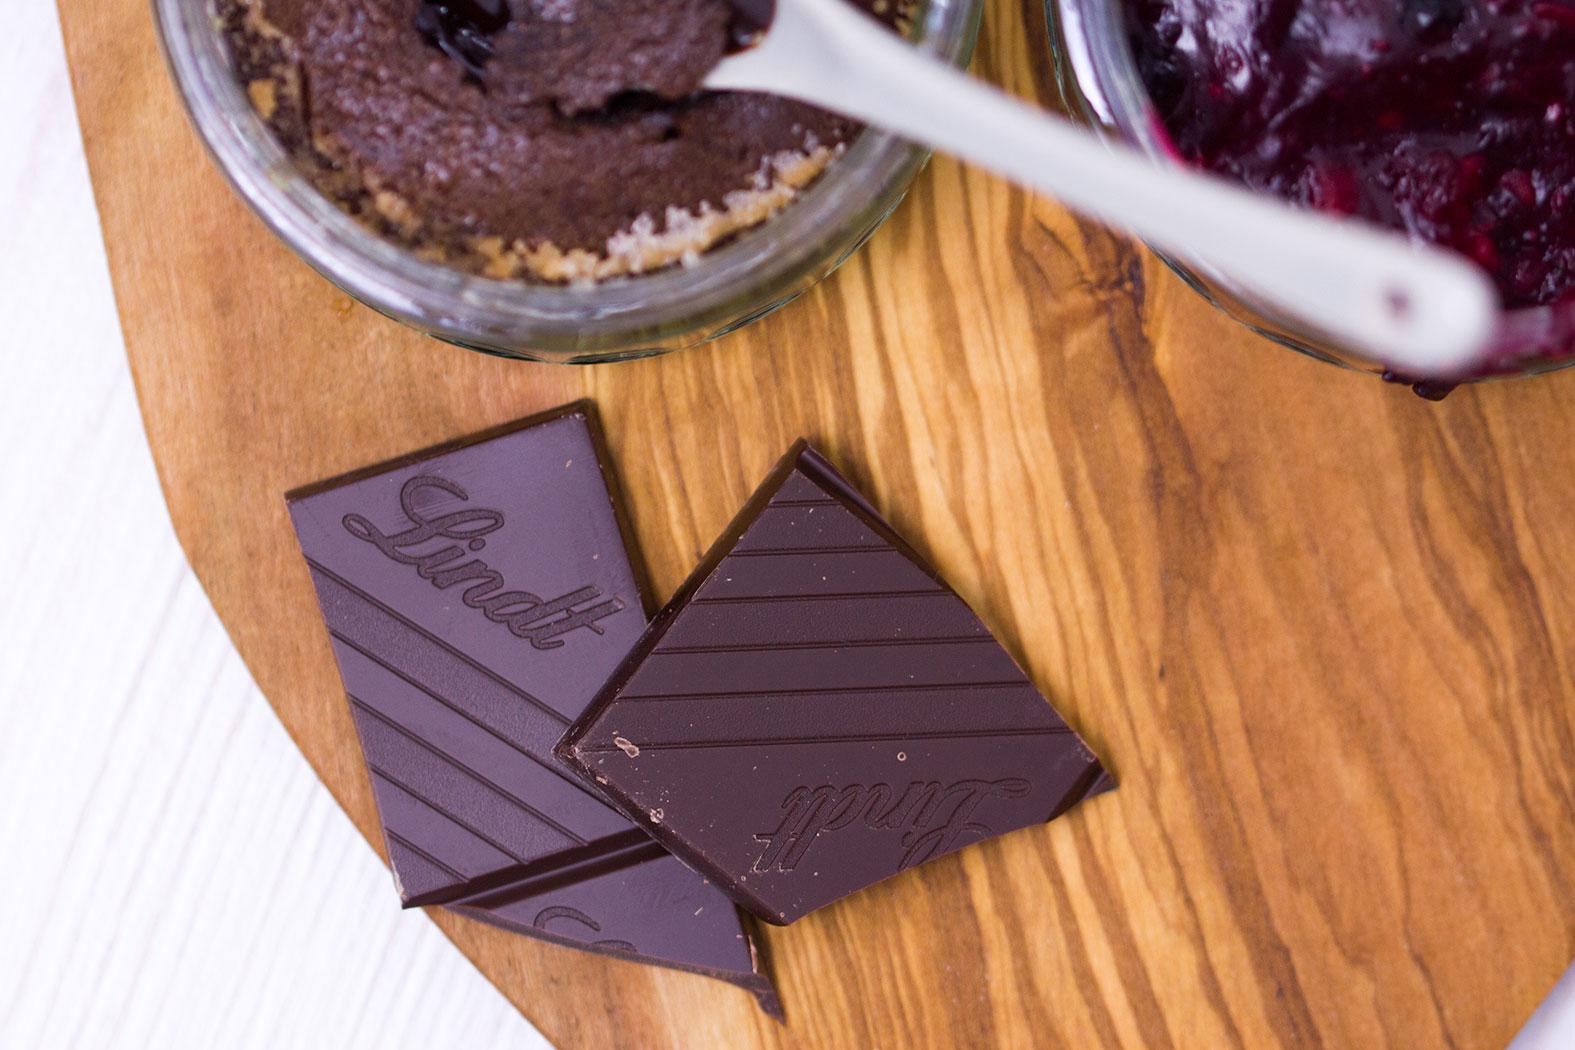 rezepte schokokuchen mit flussigem kern gesundes essen und rezepte foto blog. Black Bedroom Furniture Sets. Home Design Ideas